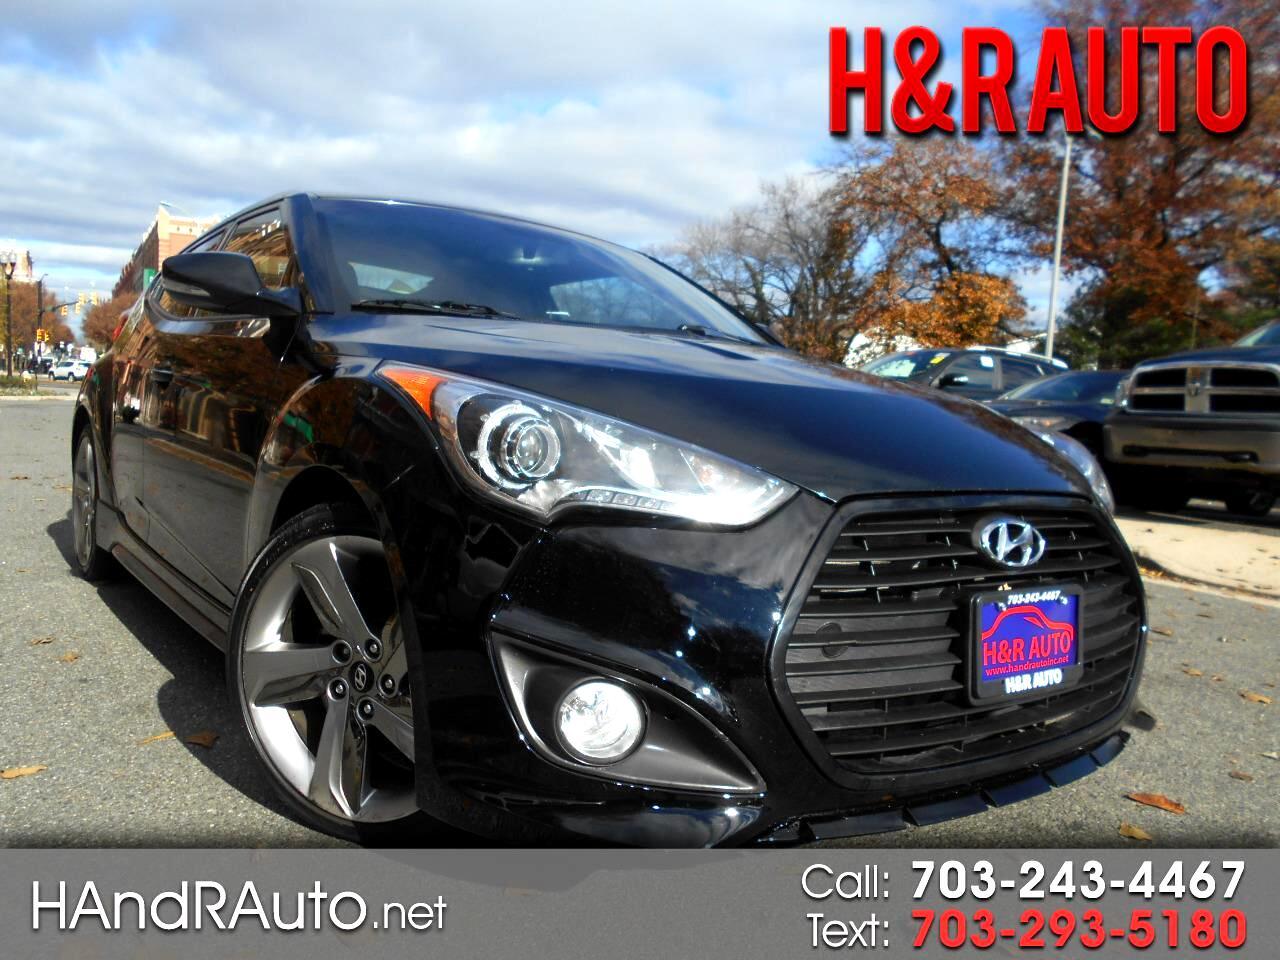 2013 Hyundai Veloster 3dr Cpe Auto Turbo w/Black Int